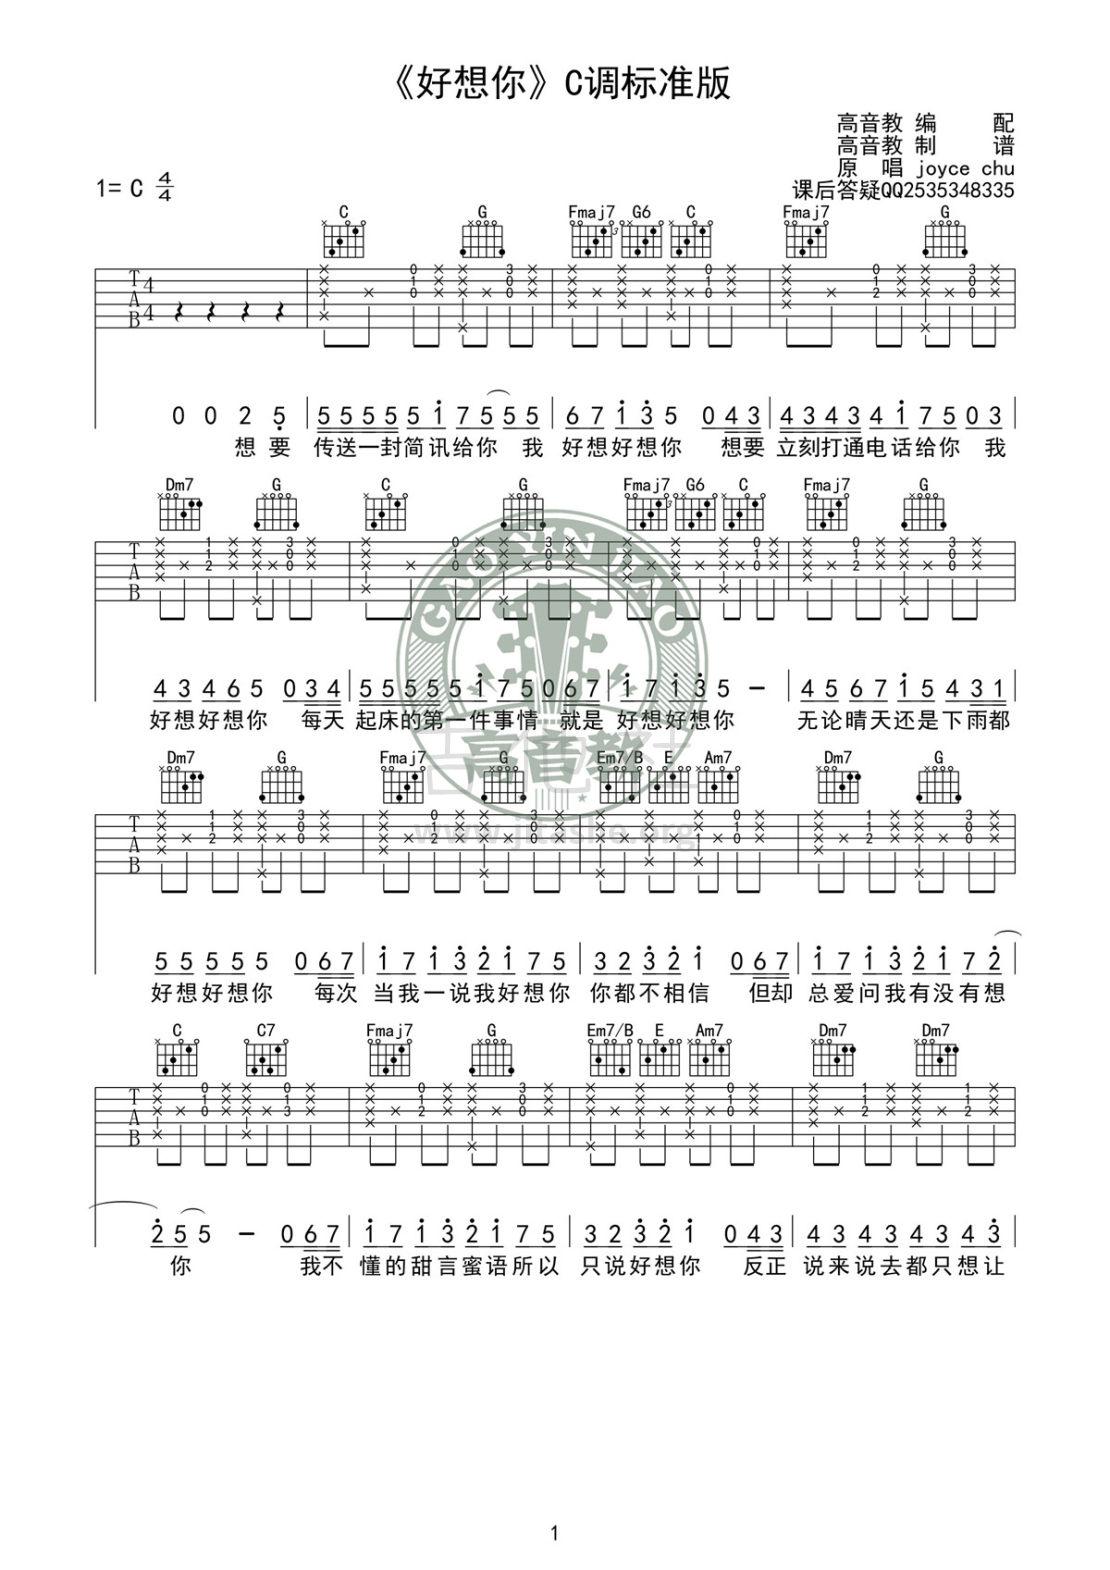 好想你(C调标准版吉他谱高清版 高音教编配)吉他谱(图片谱,弹唱,C调)_朱主爱(Joyce Chu / 四叶草 / 四葉草)_吉他谱《好想你》C调标准版01.jpg